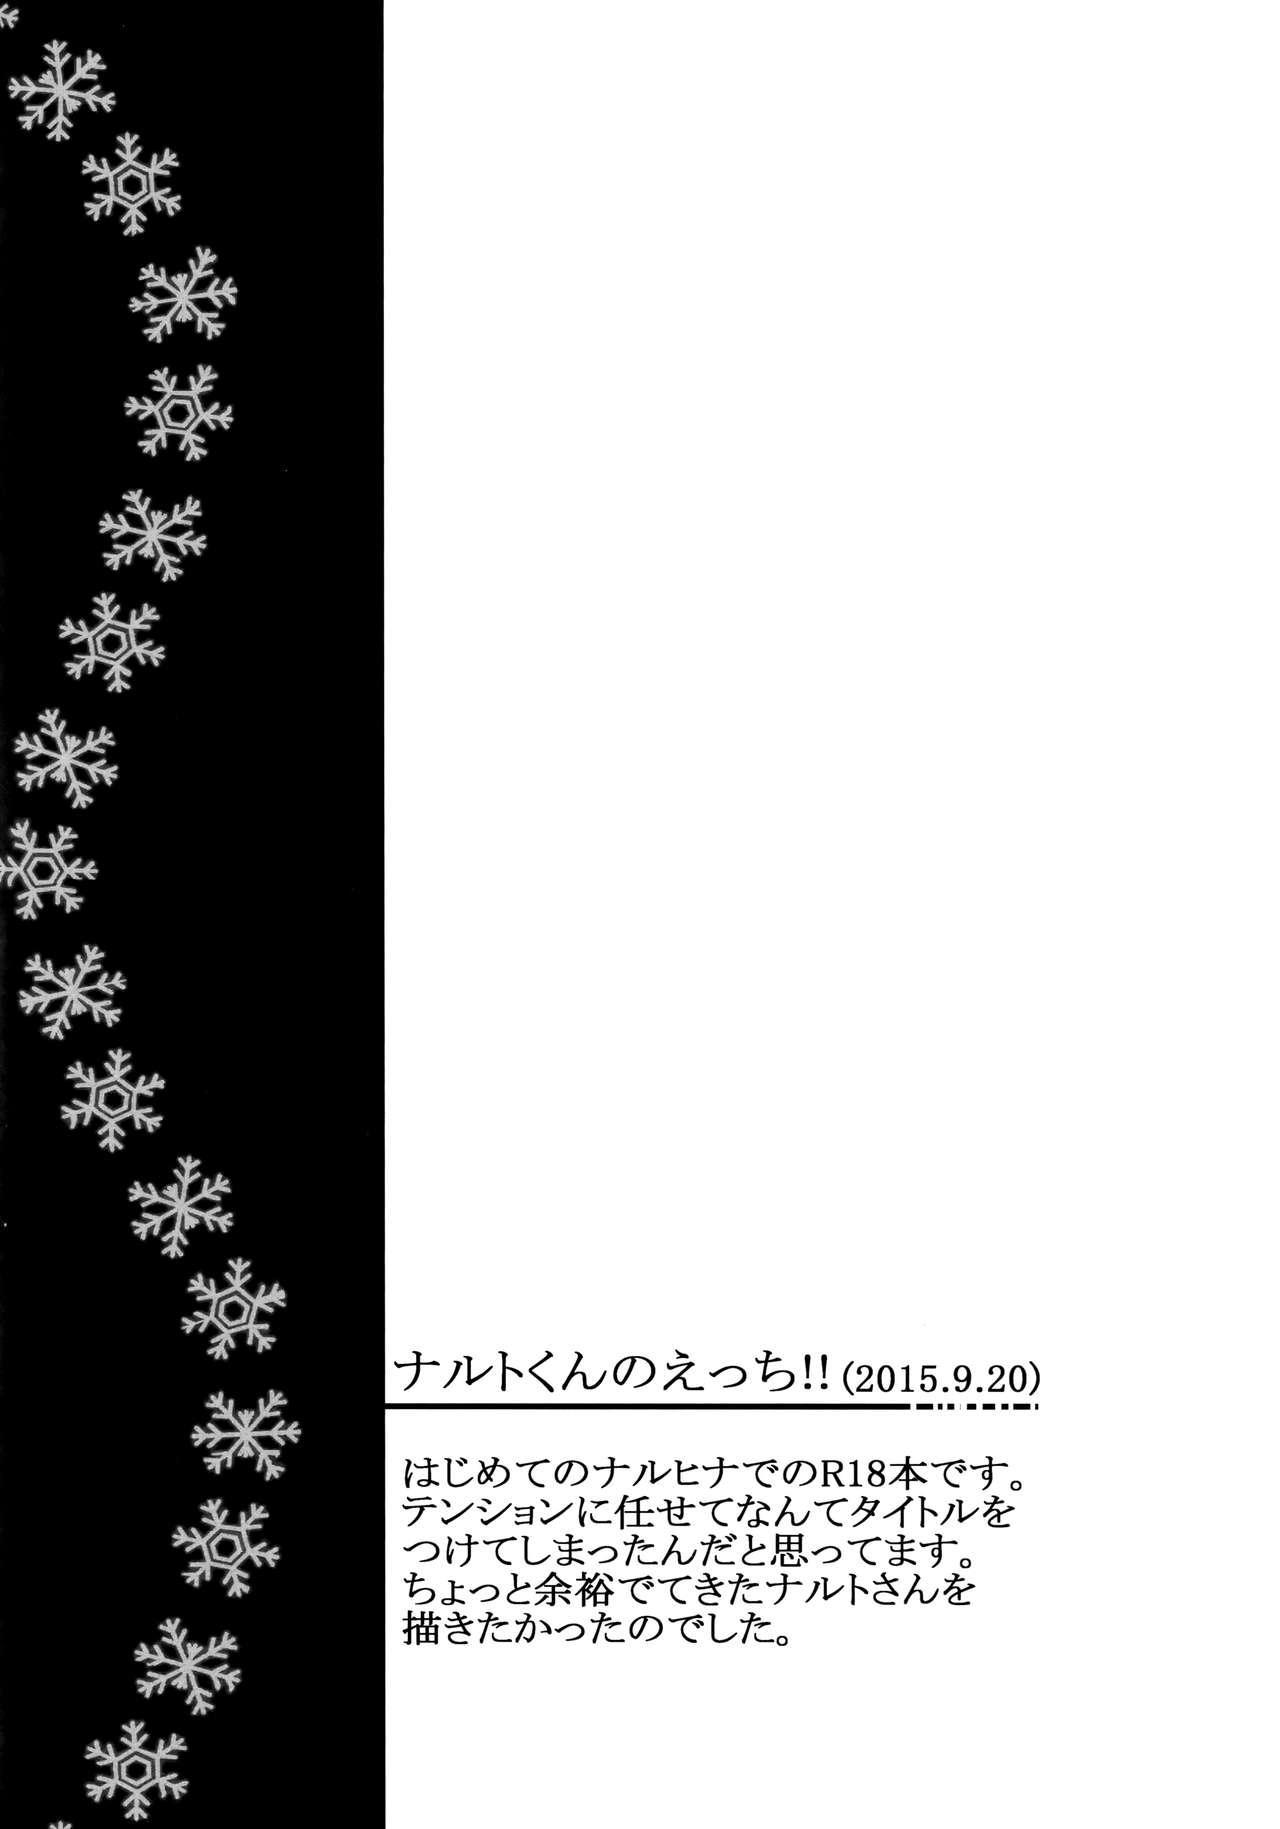 Fuyuiro Memories - Winter Color Memories 60